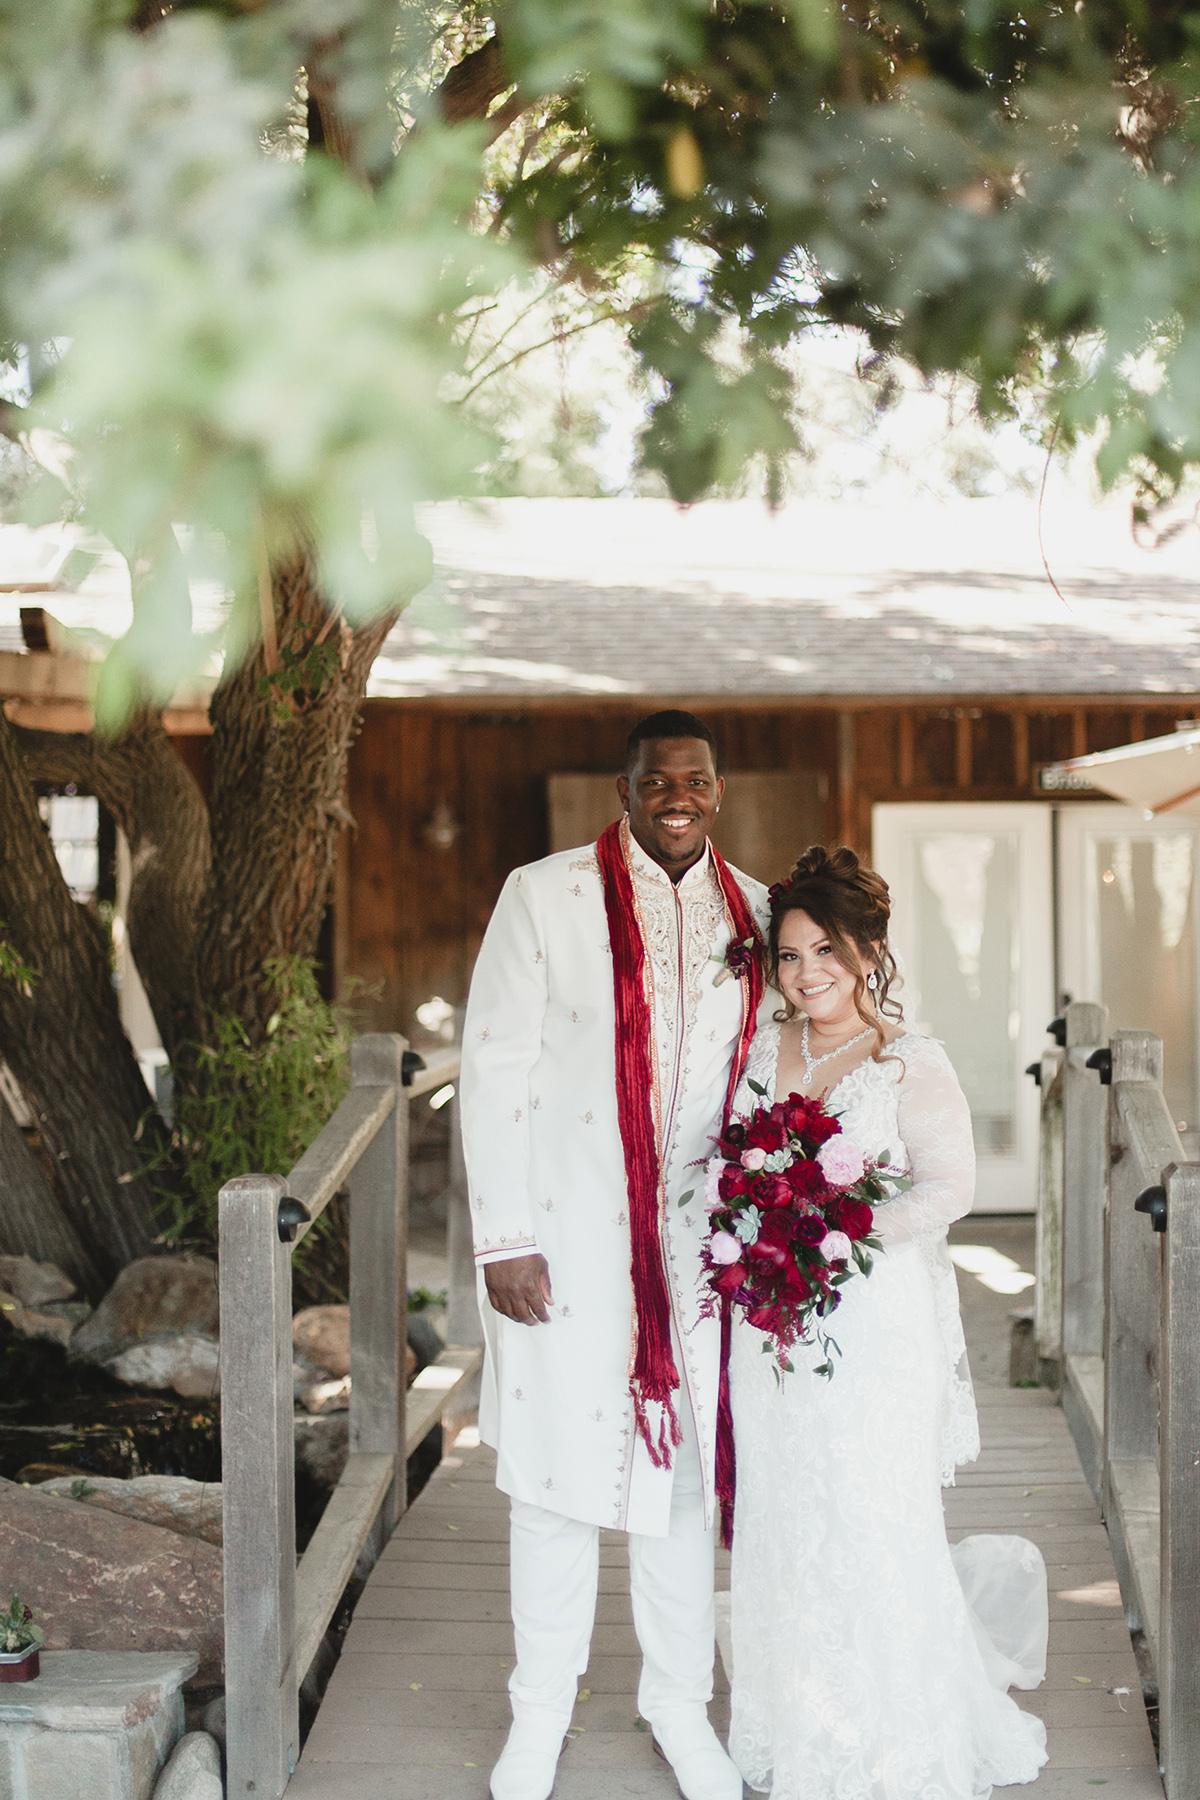 jas_theo_lakeoak_meadows_wedding_-030.jpg